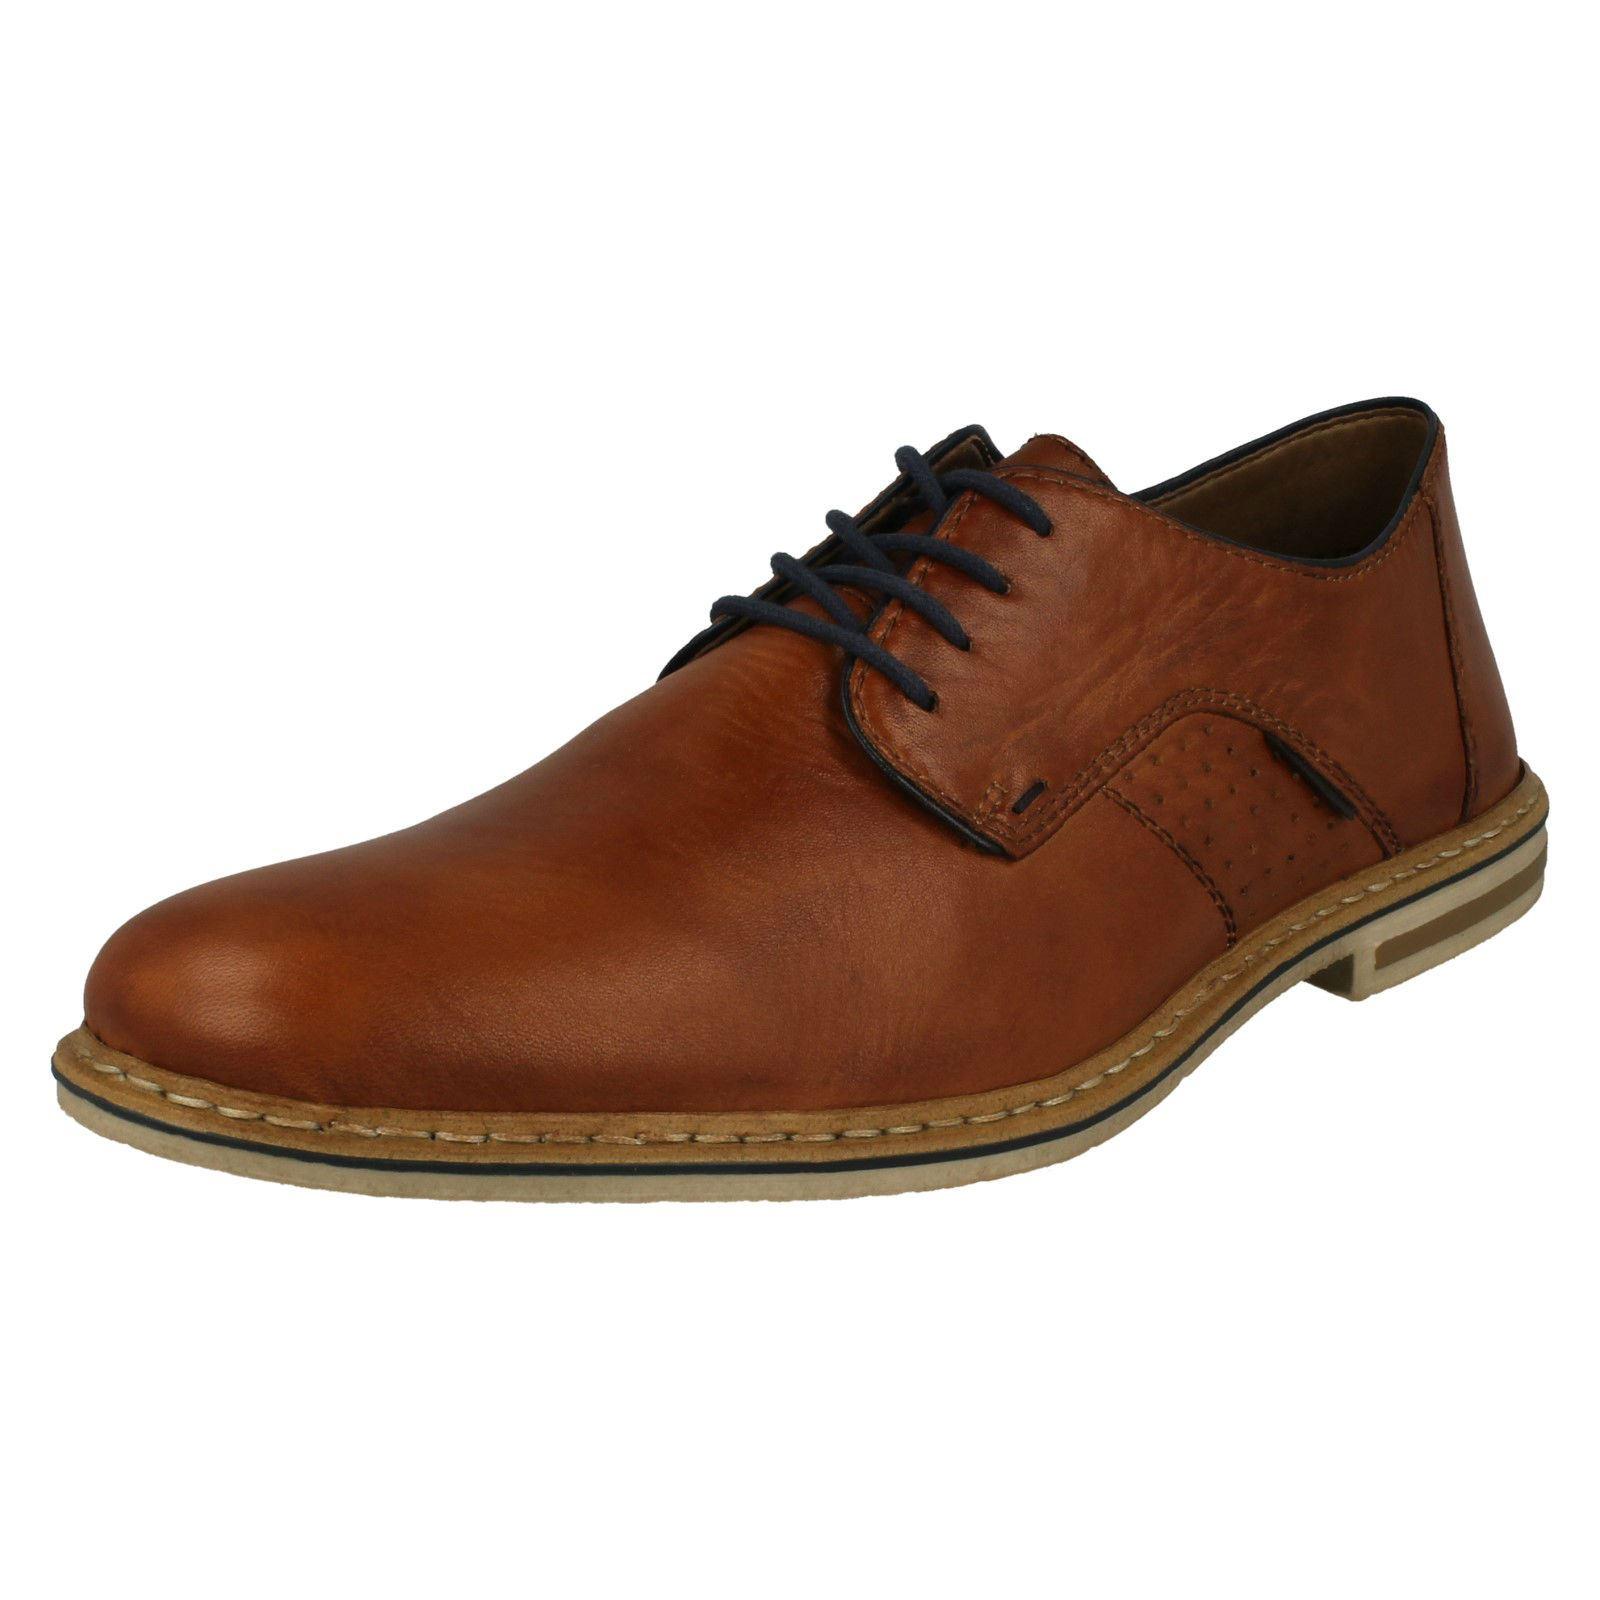 Rieker formal Zapatos 14525 con cordones para hombre 14525 Zapatos 52f4ae